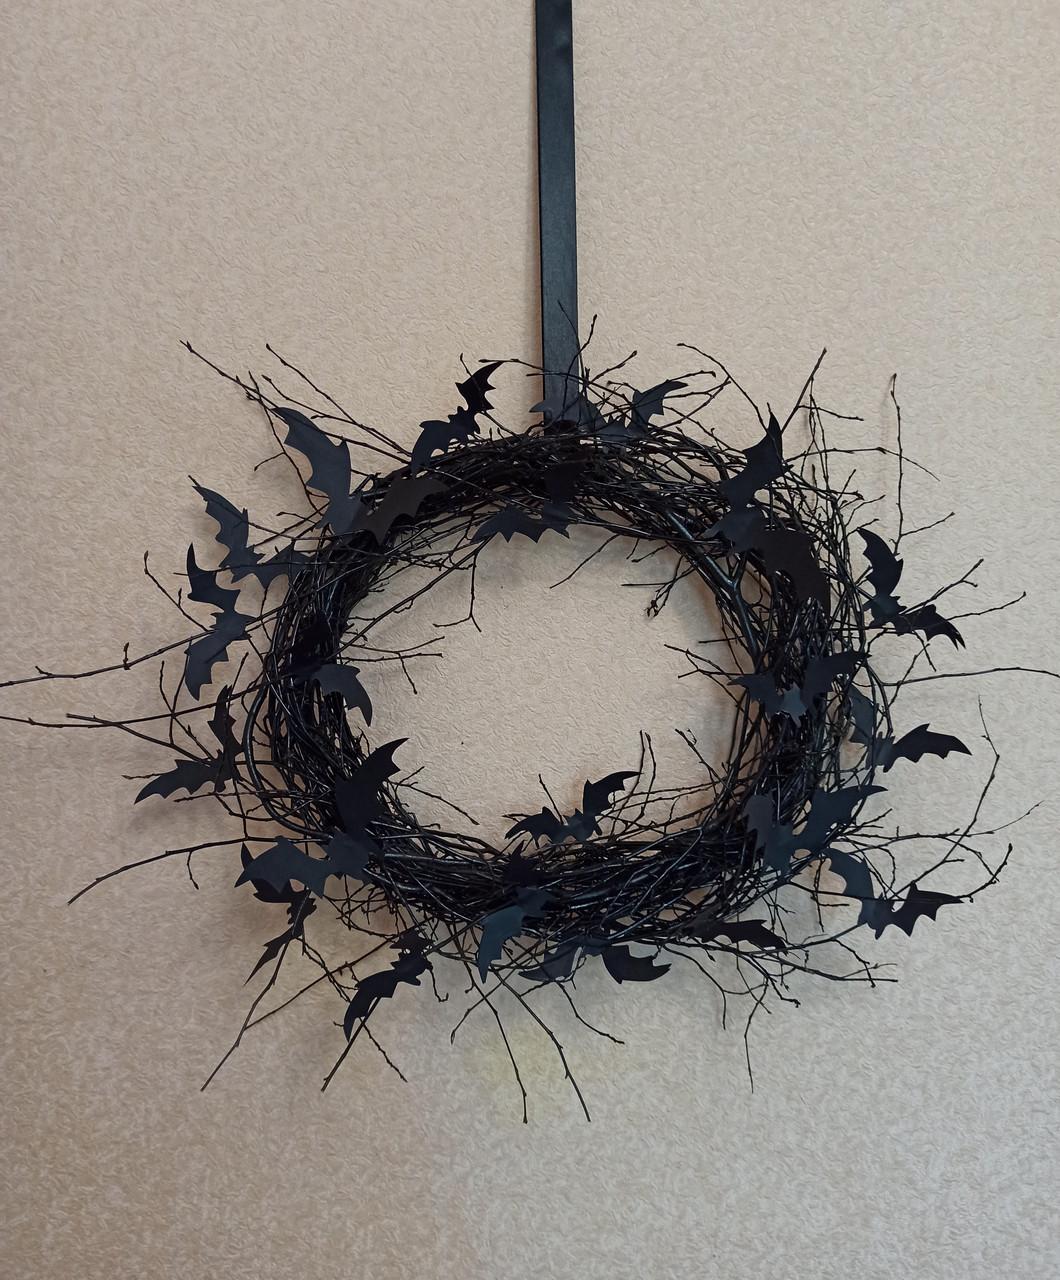 Чорний Вінок на двері з летючими мишами - декор до Хеловіну (Хеллоуїну).